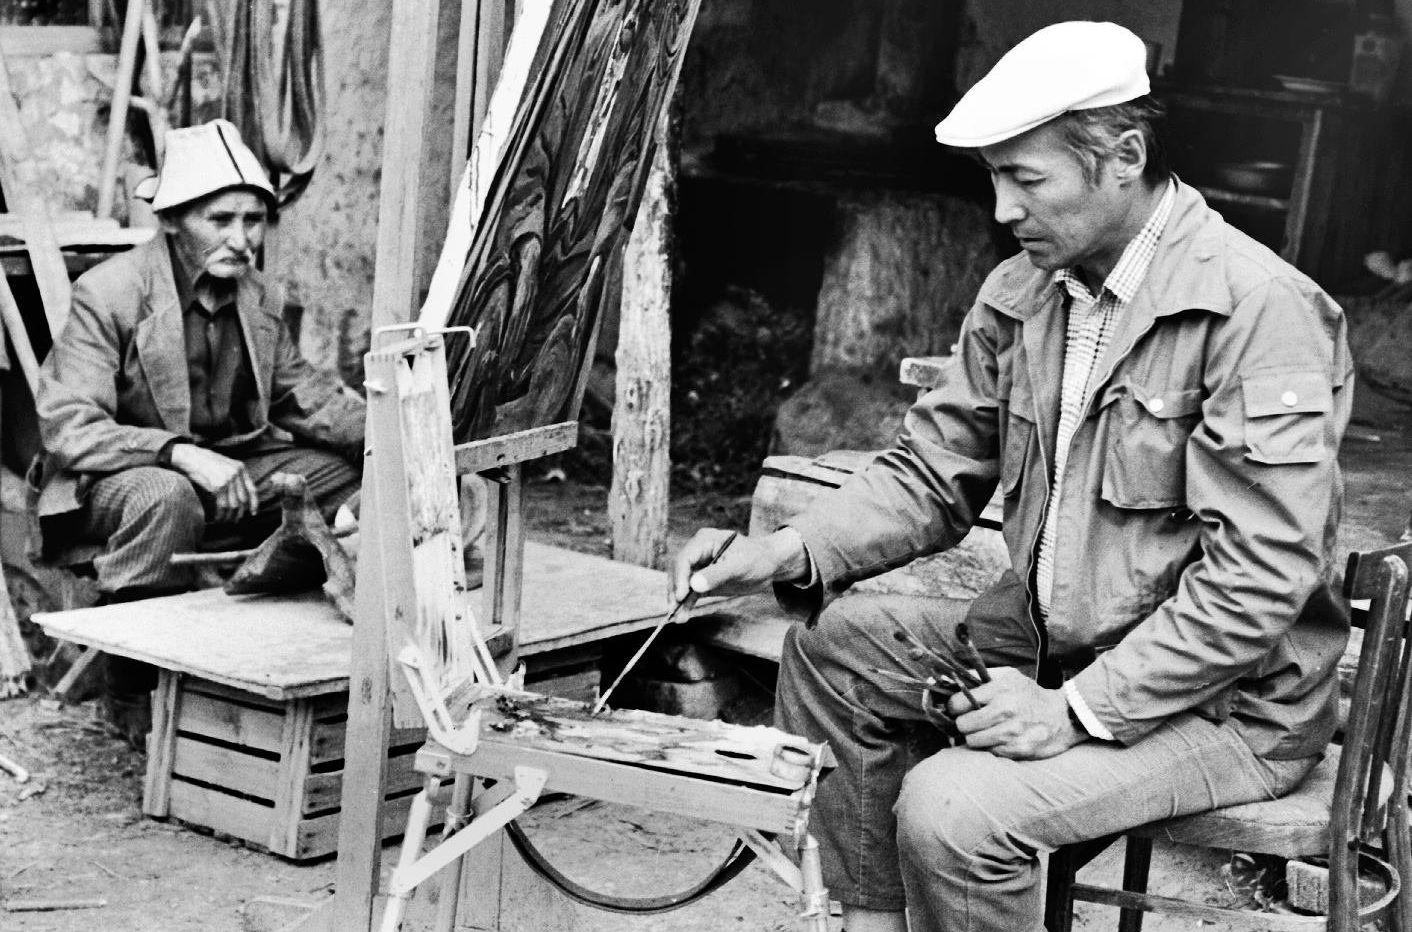 Несмотря на активную актерскую деятельность, Суйменкул Чокморов не бросал живопись. Он написал около 800 картин.